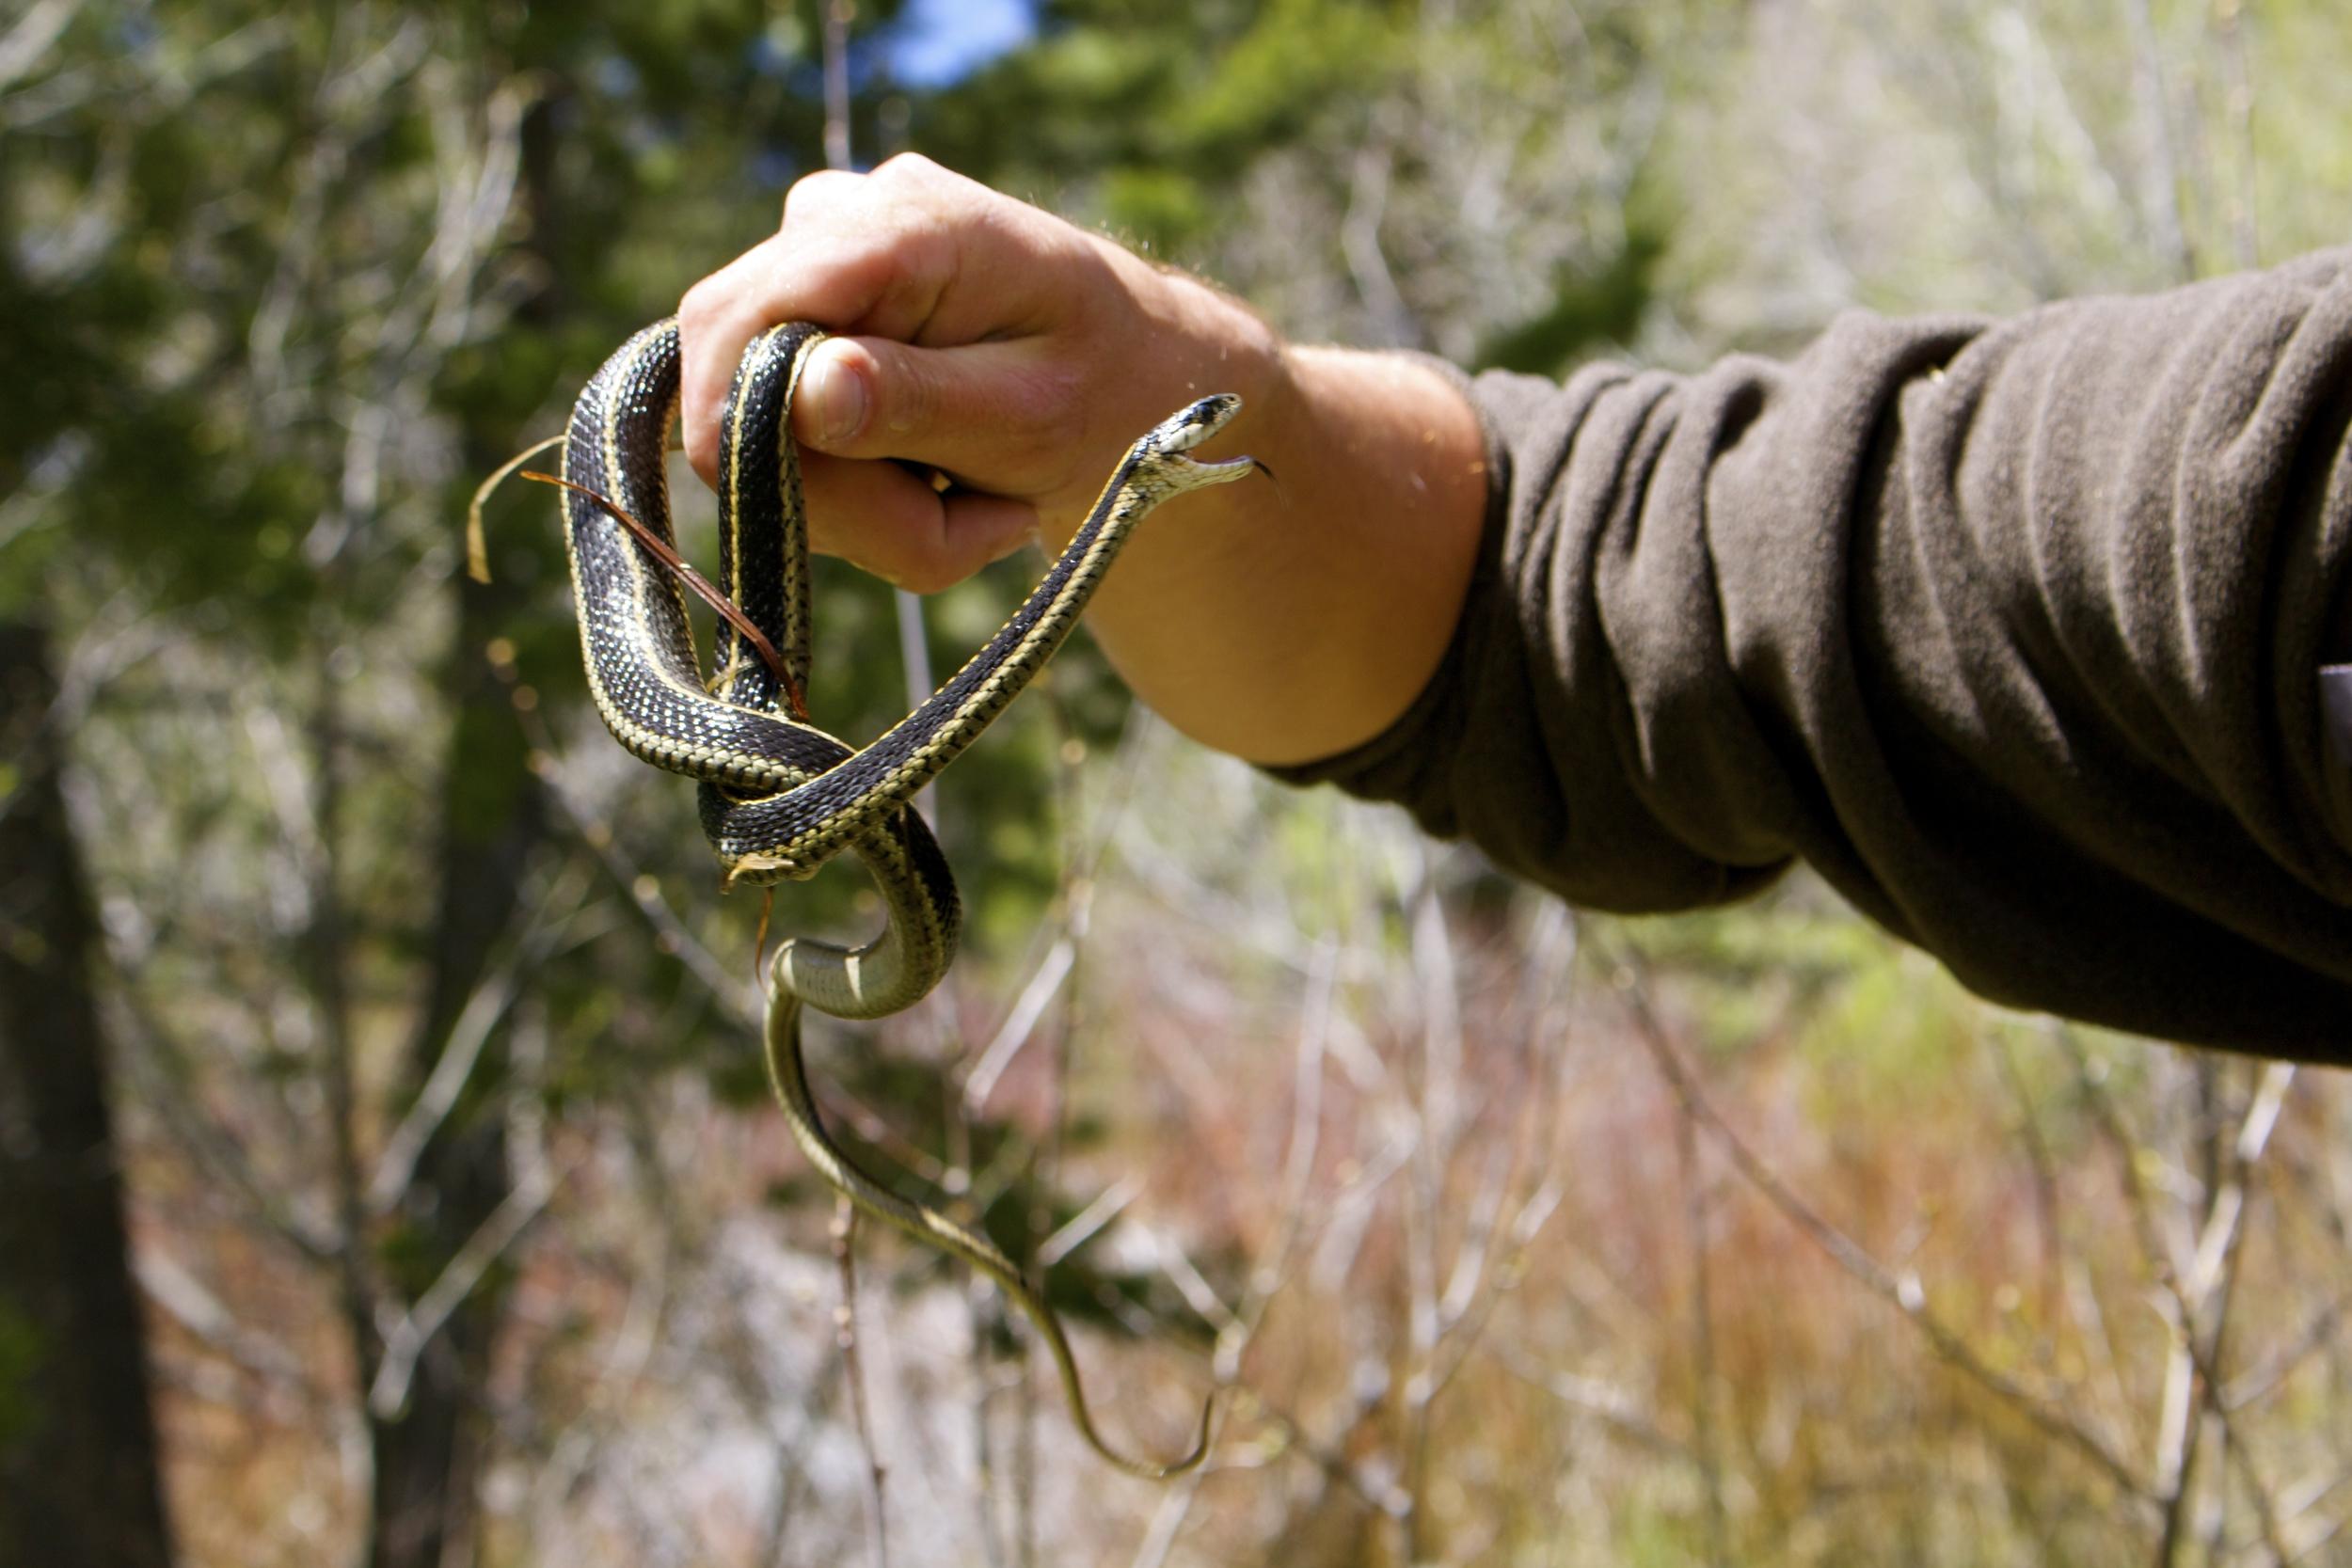 displeased garter snake